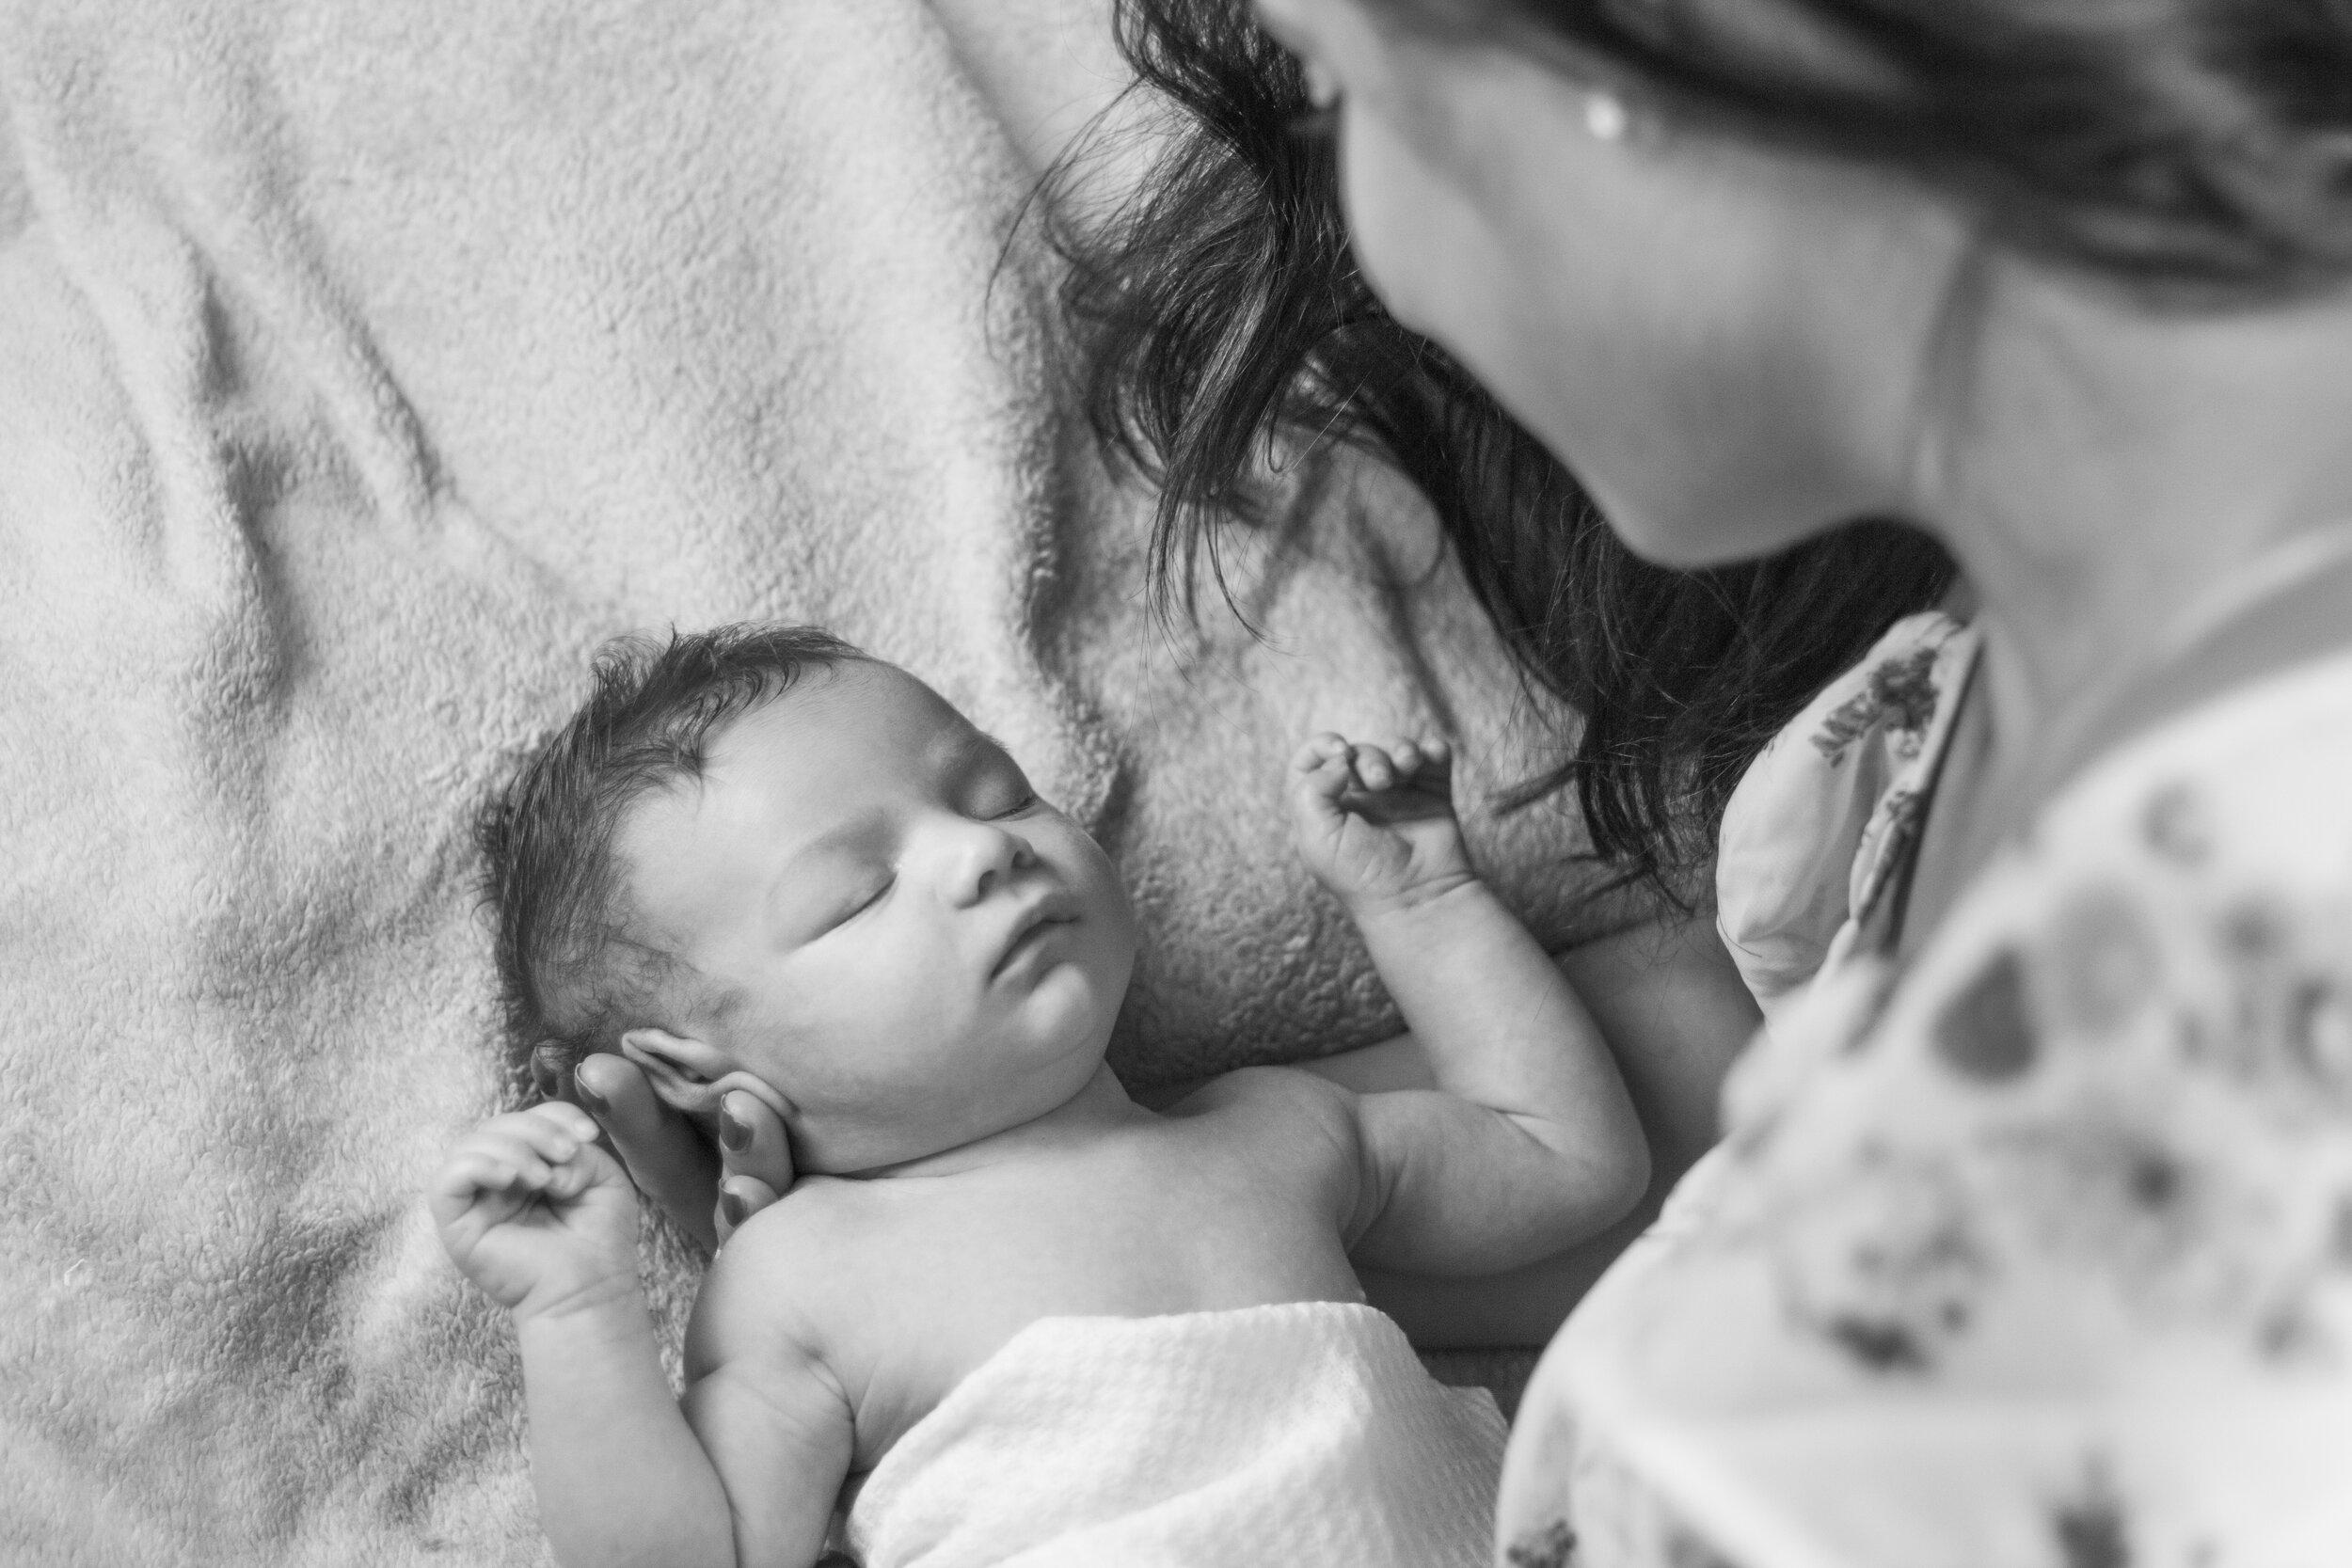 newbornphotography-santangelostudio.jpg